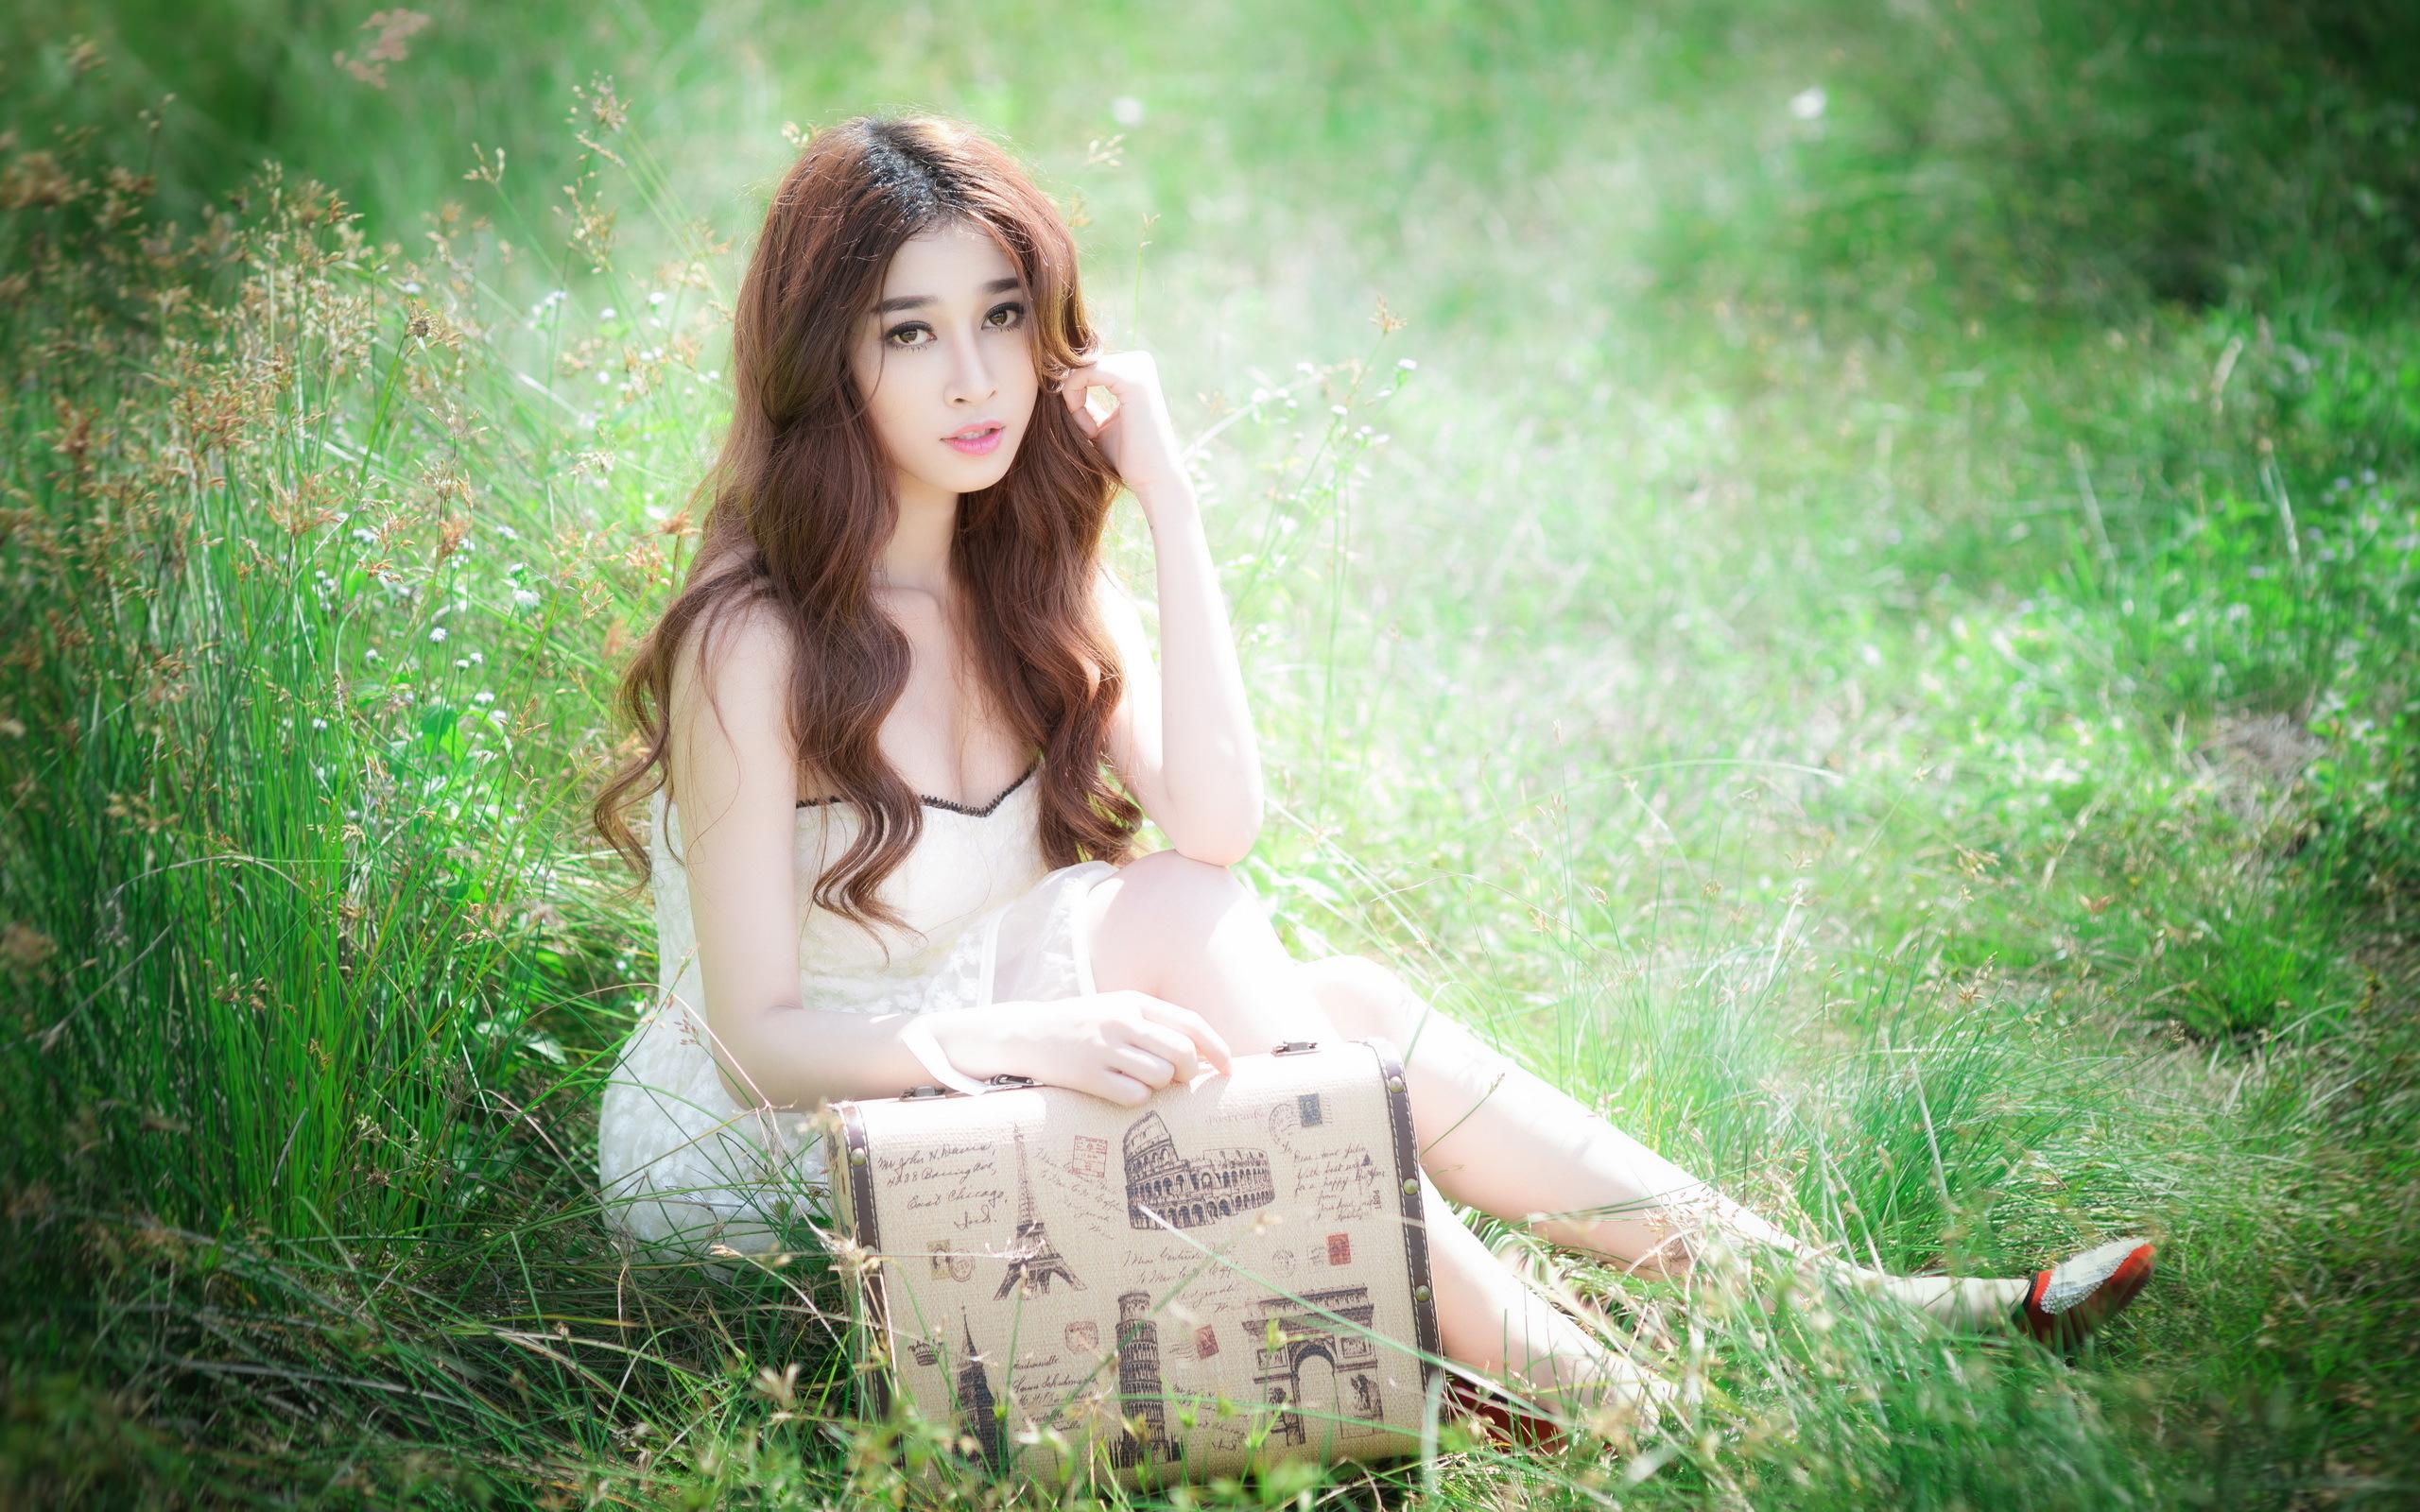 Hình nền hotgirl đẹp và dễ thương